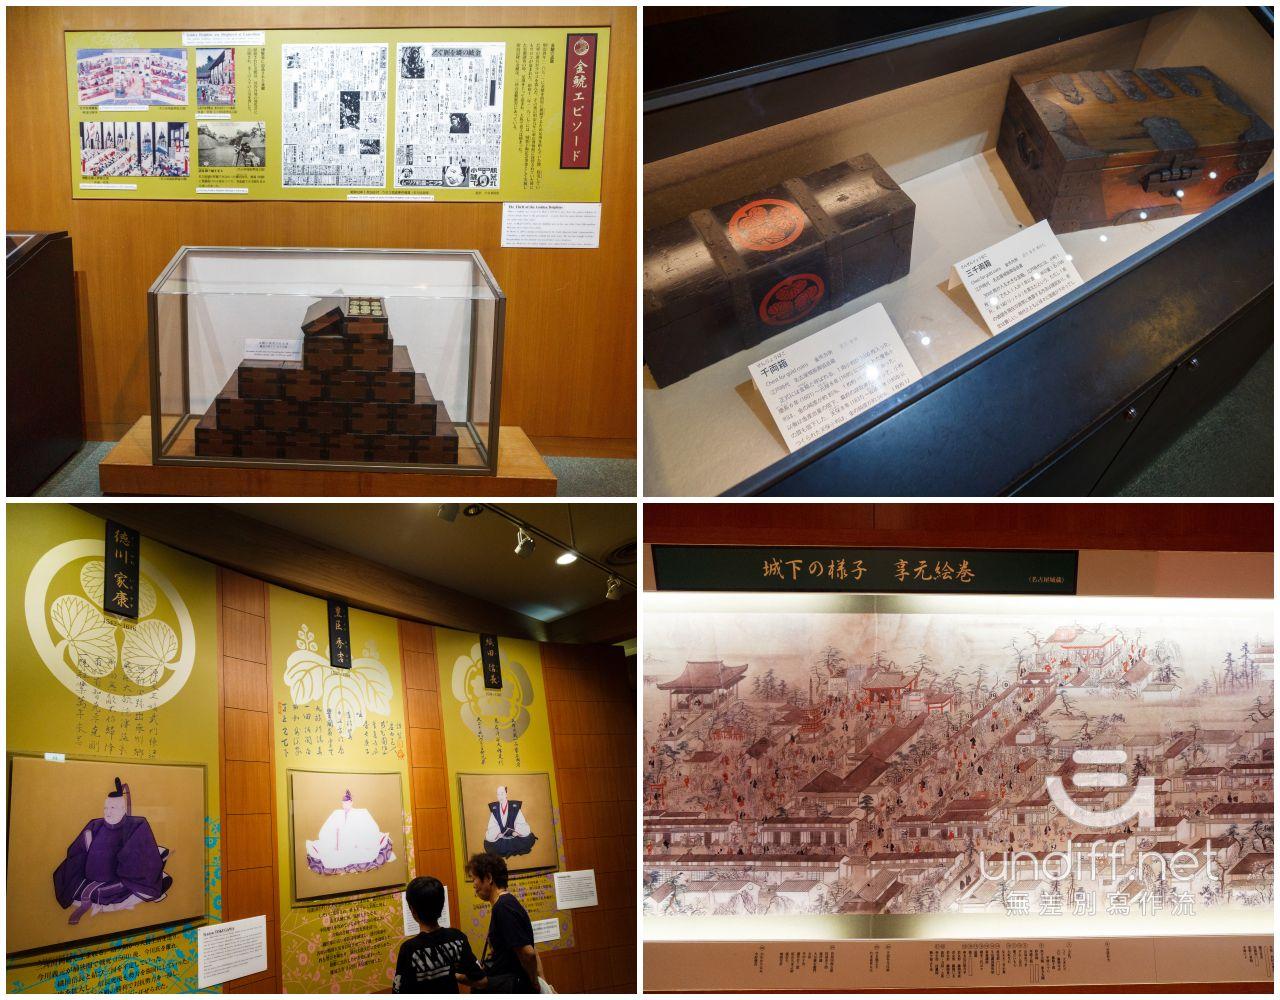 【名古屋景點】名古屋城 》天守閣、本丸御殿與金鯱 62